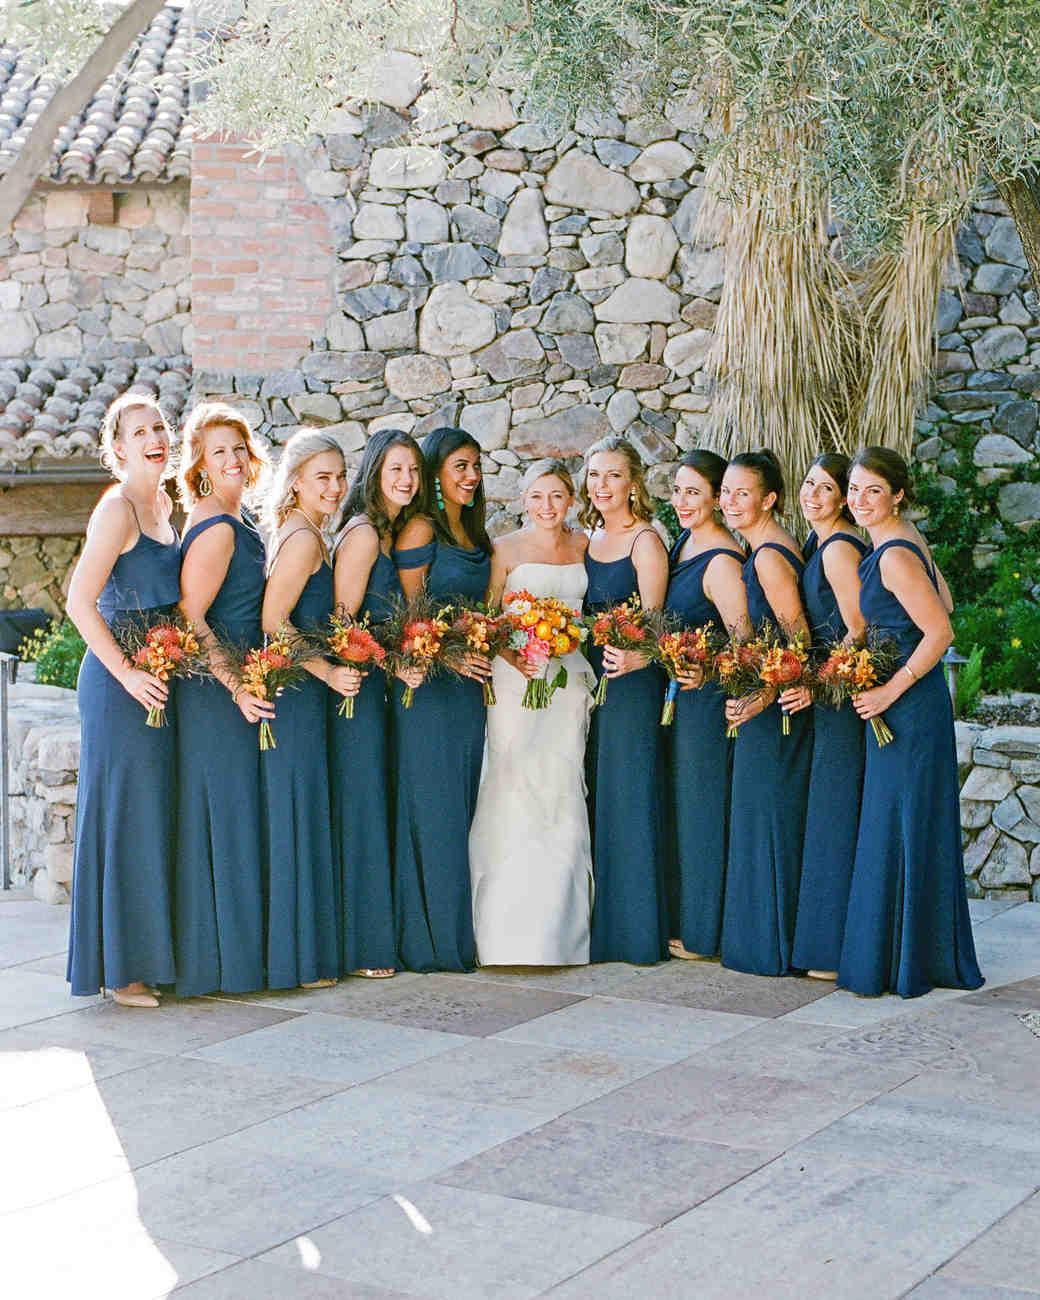 addie alex wedding bridesmaids navy